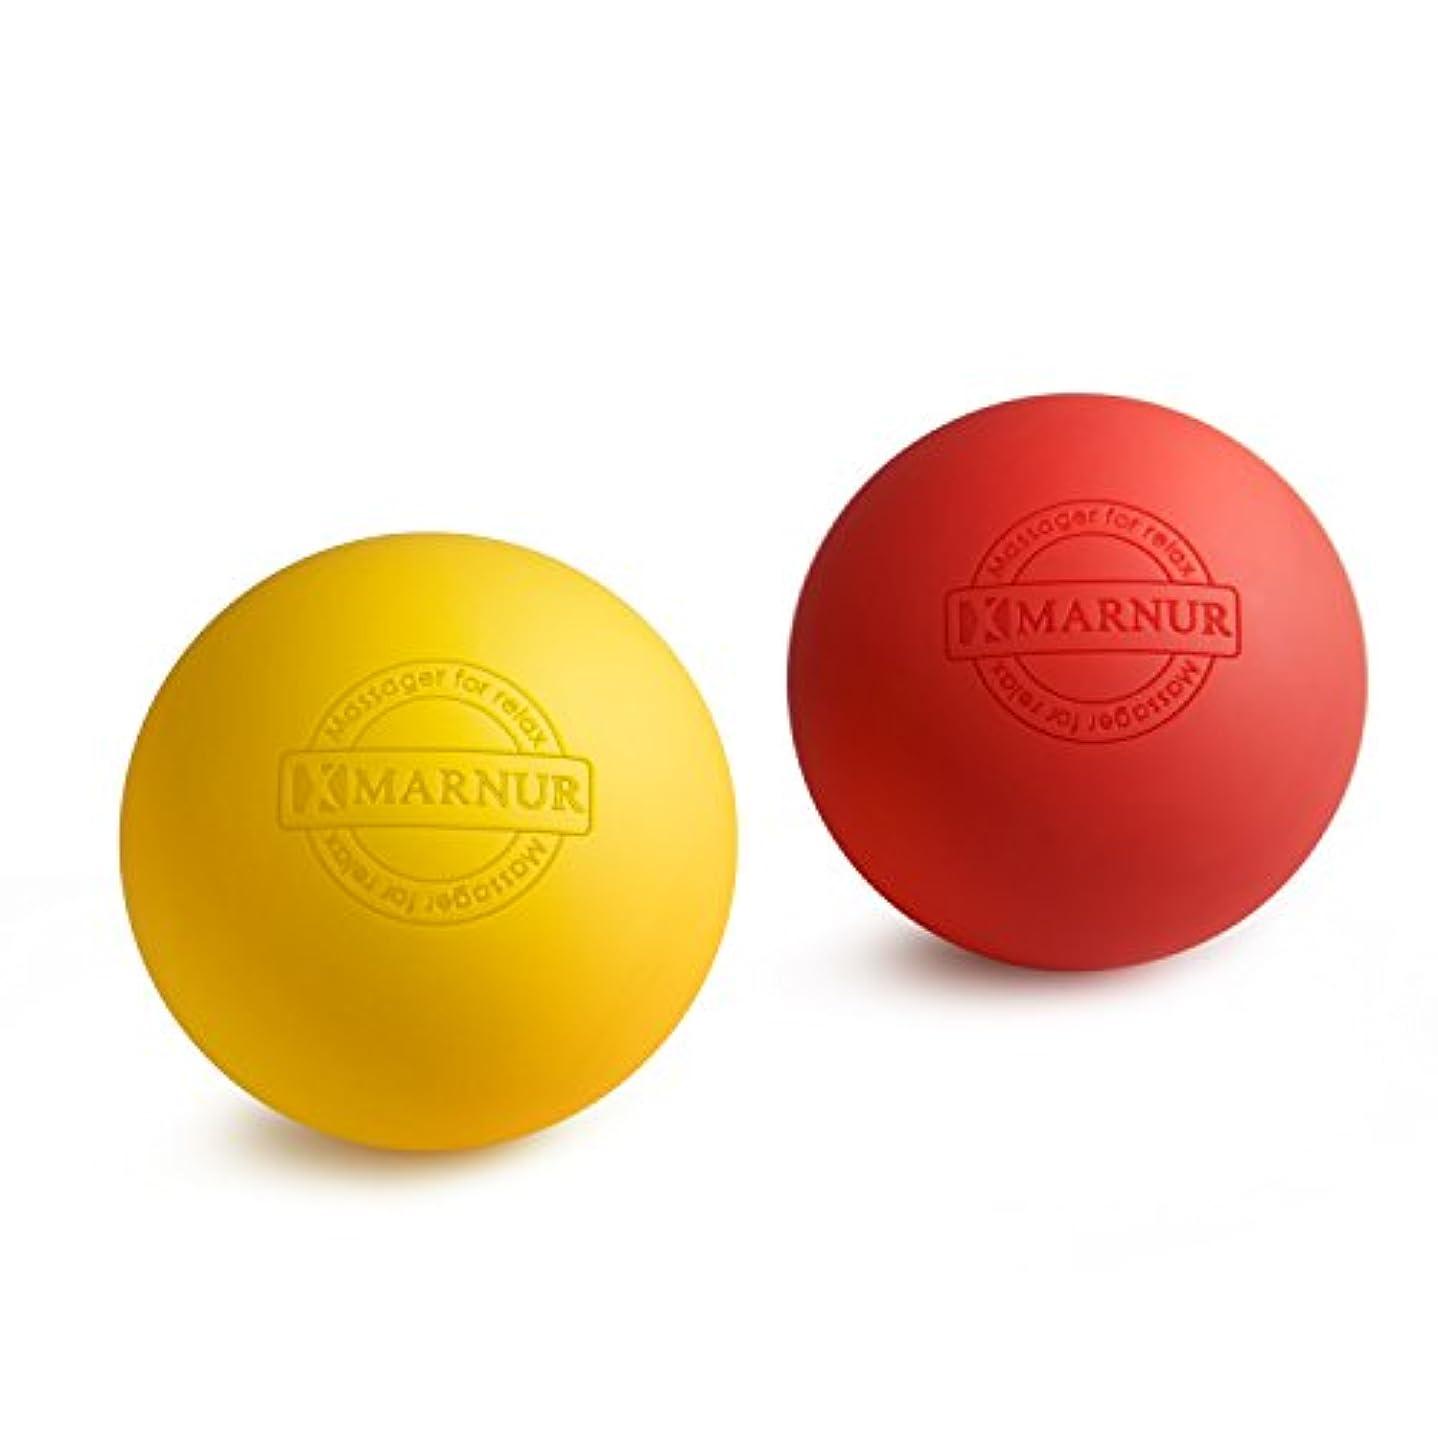 カスケード物理ノイズMARNUR マッサージボール ストレッチボール トリガーポイント 筋膜リリース トレーニング 背中 肩こり 腰 ふくらはぎ 足裏 ツボ押しグッズ 2で1組み合わせ